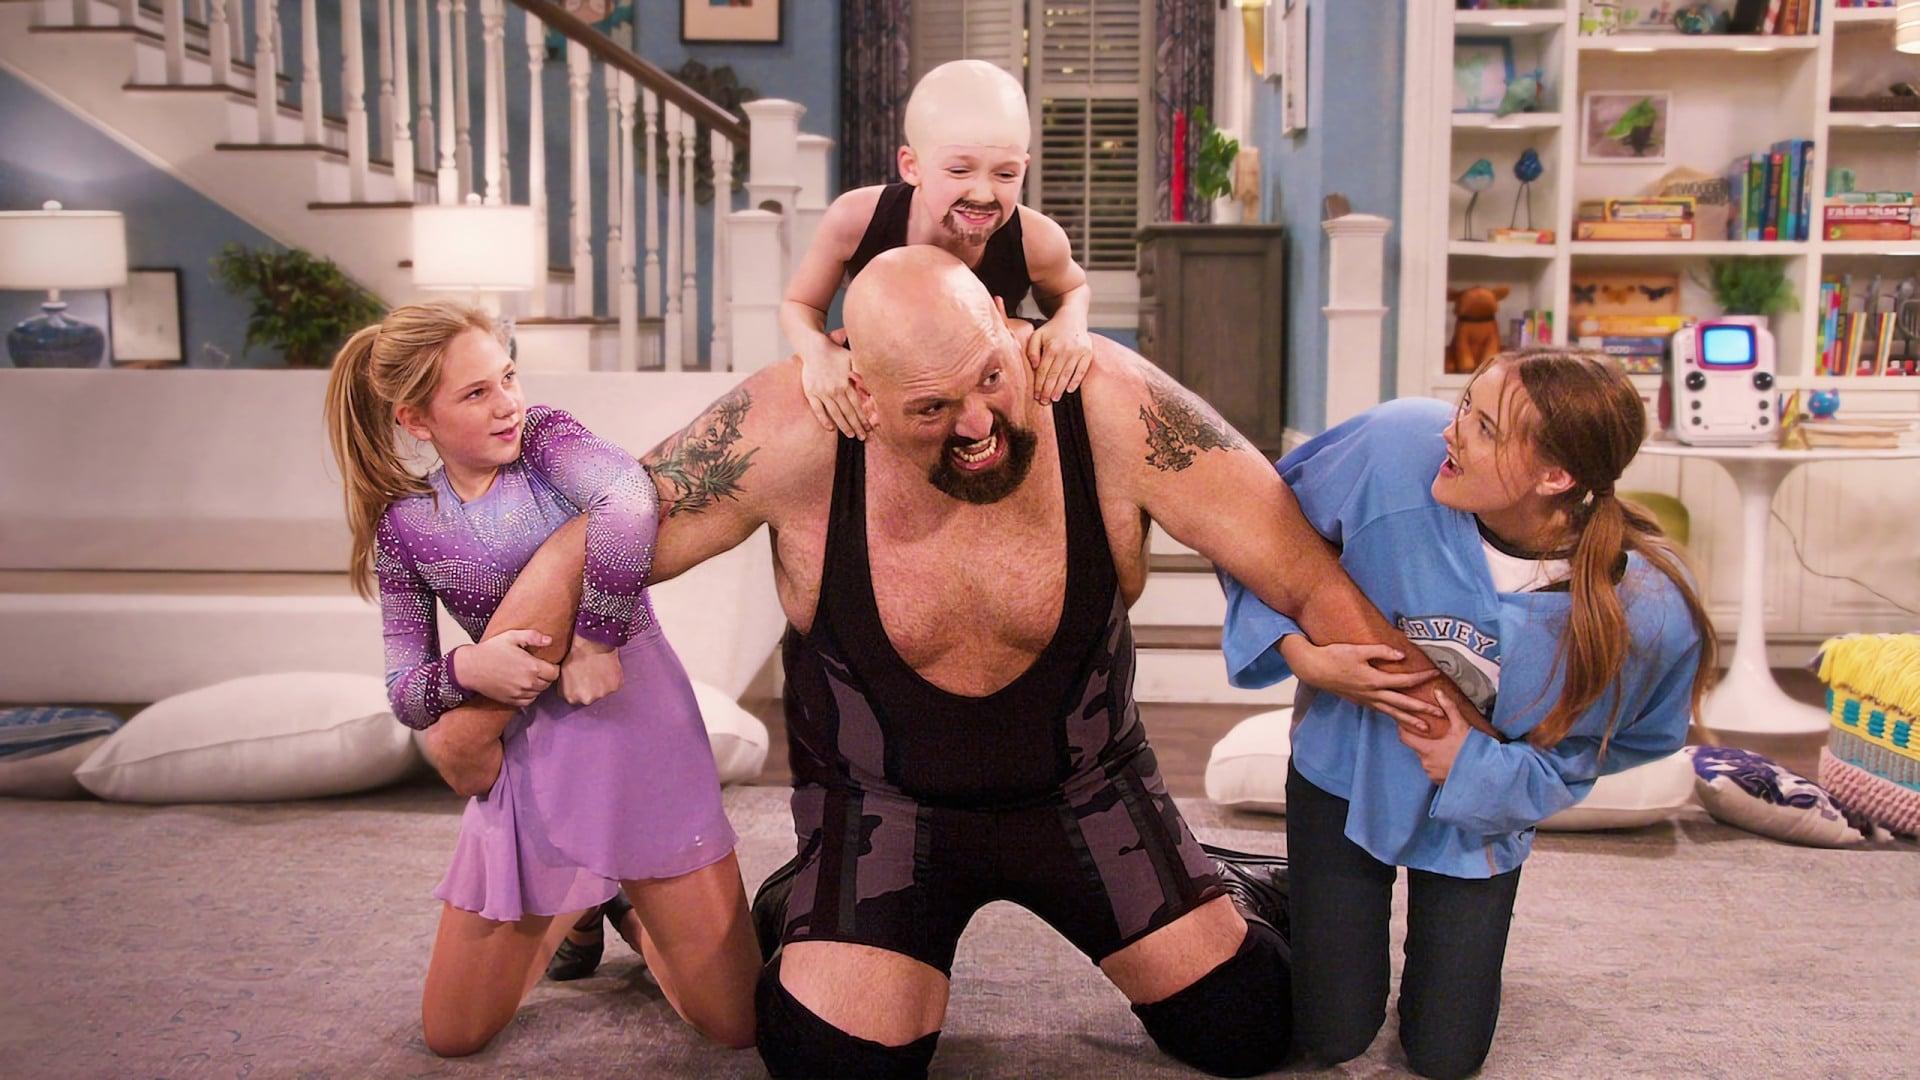 The Big Show Show: Temporada 1 Capítulo 10